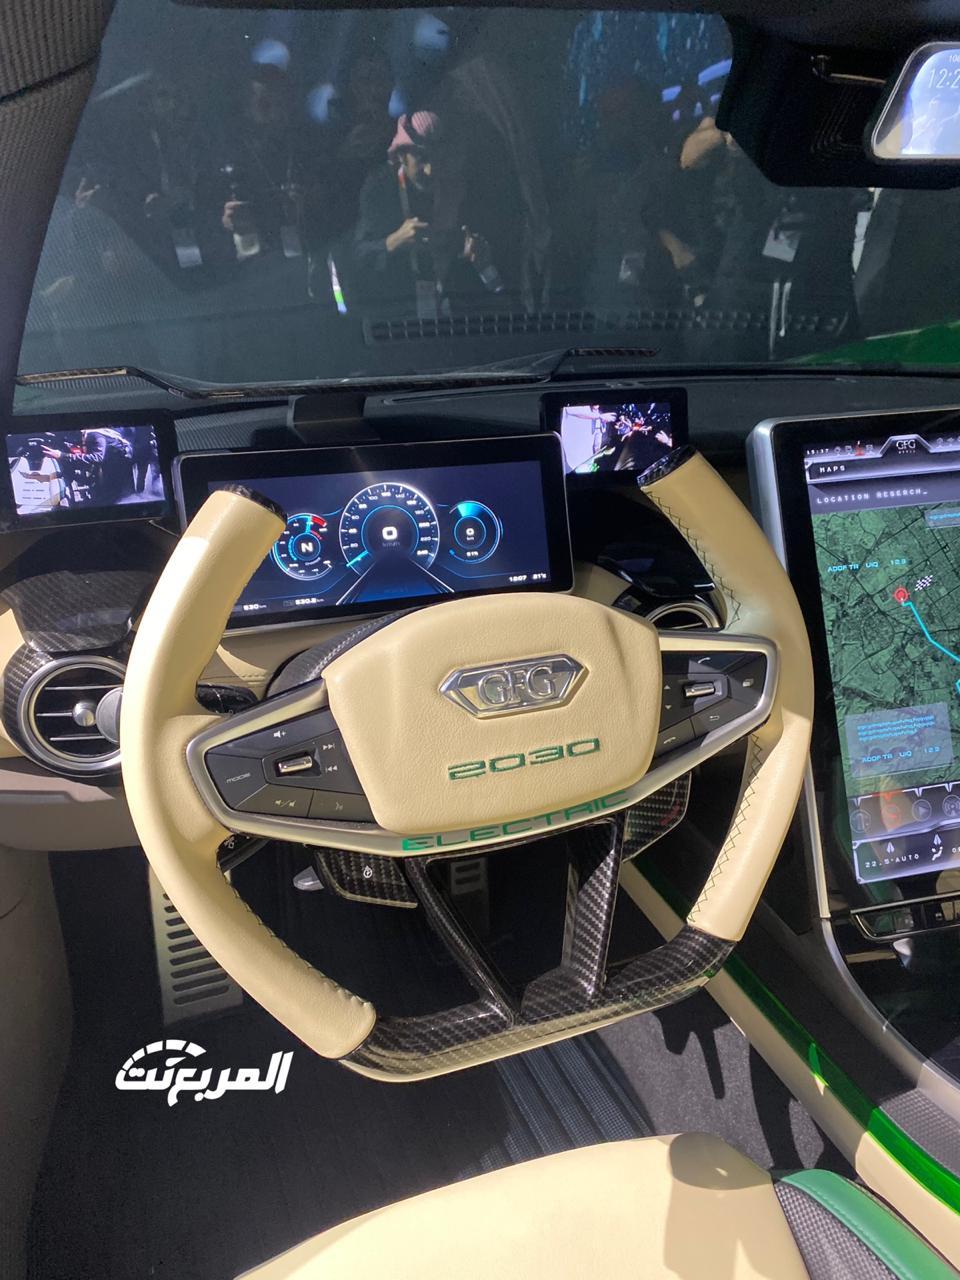 المربع نت تعرف على سيارة المستقبل 2030 المصن عة خصيصا للمملكة للتفاصيل